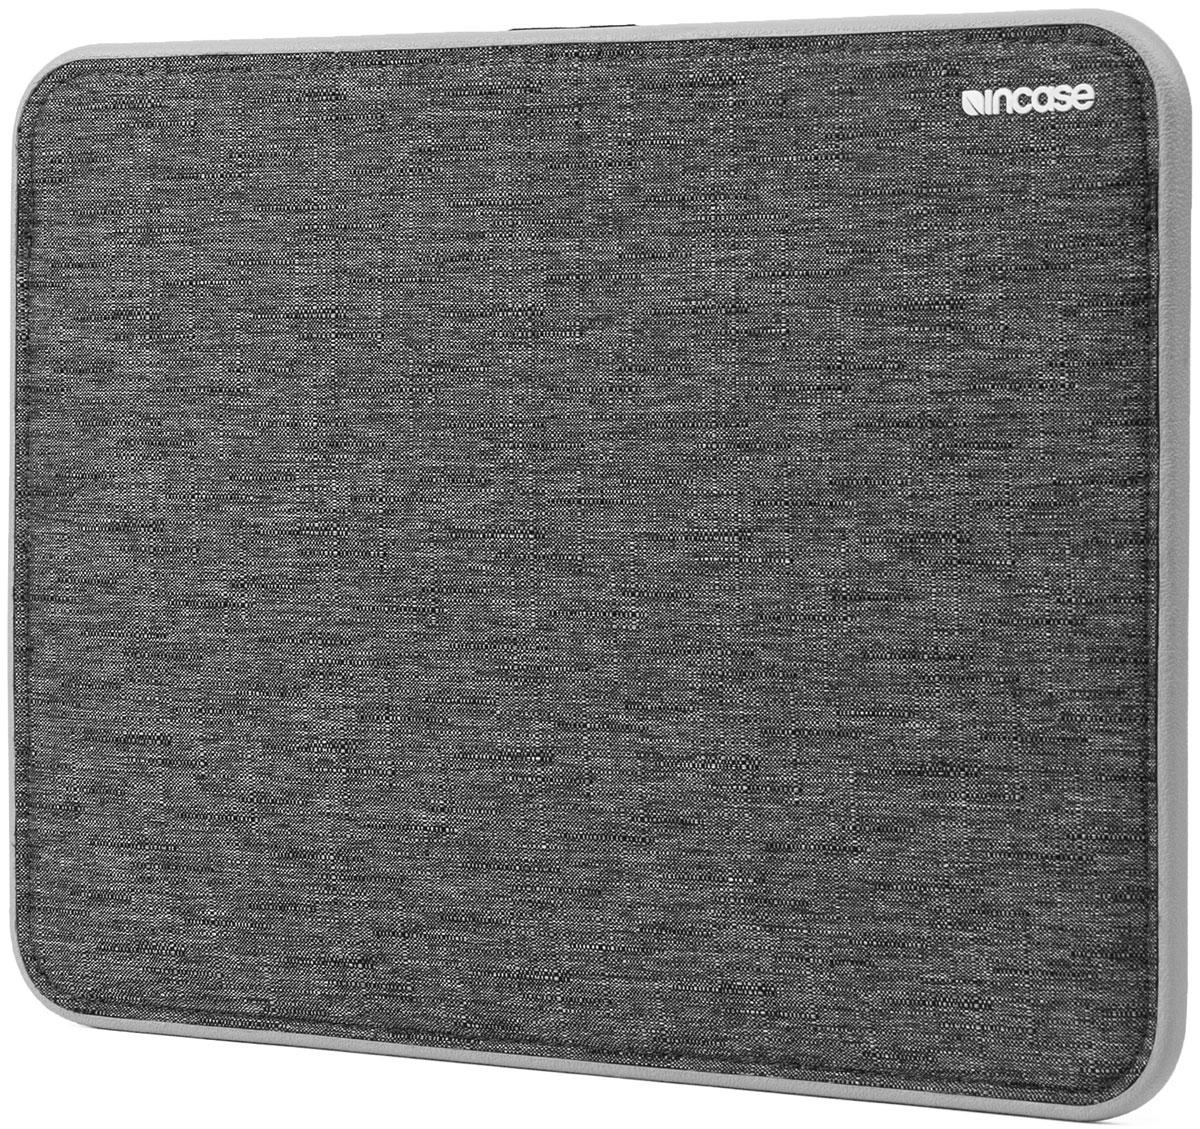 Incase Icon Sleeve чехол для Apple MacBook Air 11, Heather Black GrayCL60636Чехол Incase Icon Sleeve для MacBook оснащается лёгкой рамой-бампером из ЭВА и использует современную технологию Tensaerlite для максимальной защиты от ударов. Магнитная застёжка чехла дополнительно защищает MacBook, при этом обеспечивая удобный доступ к нему.